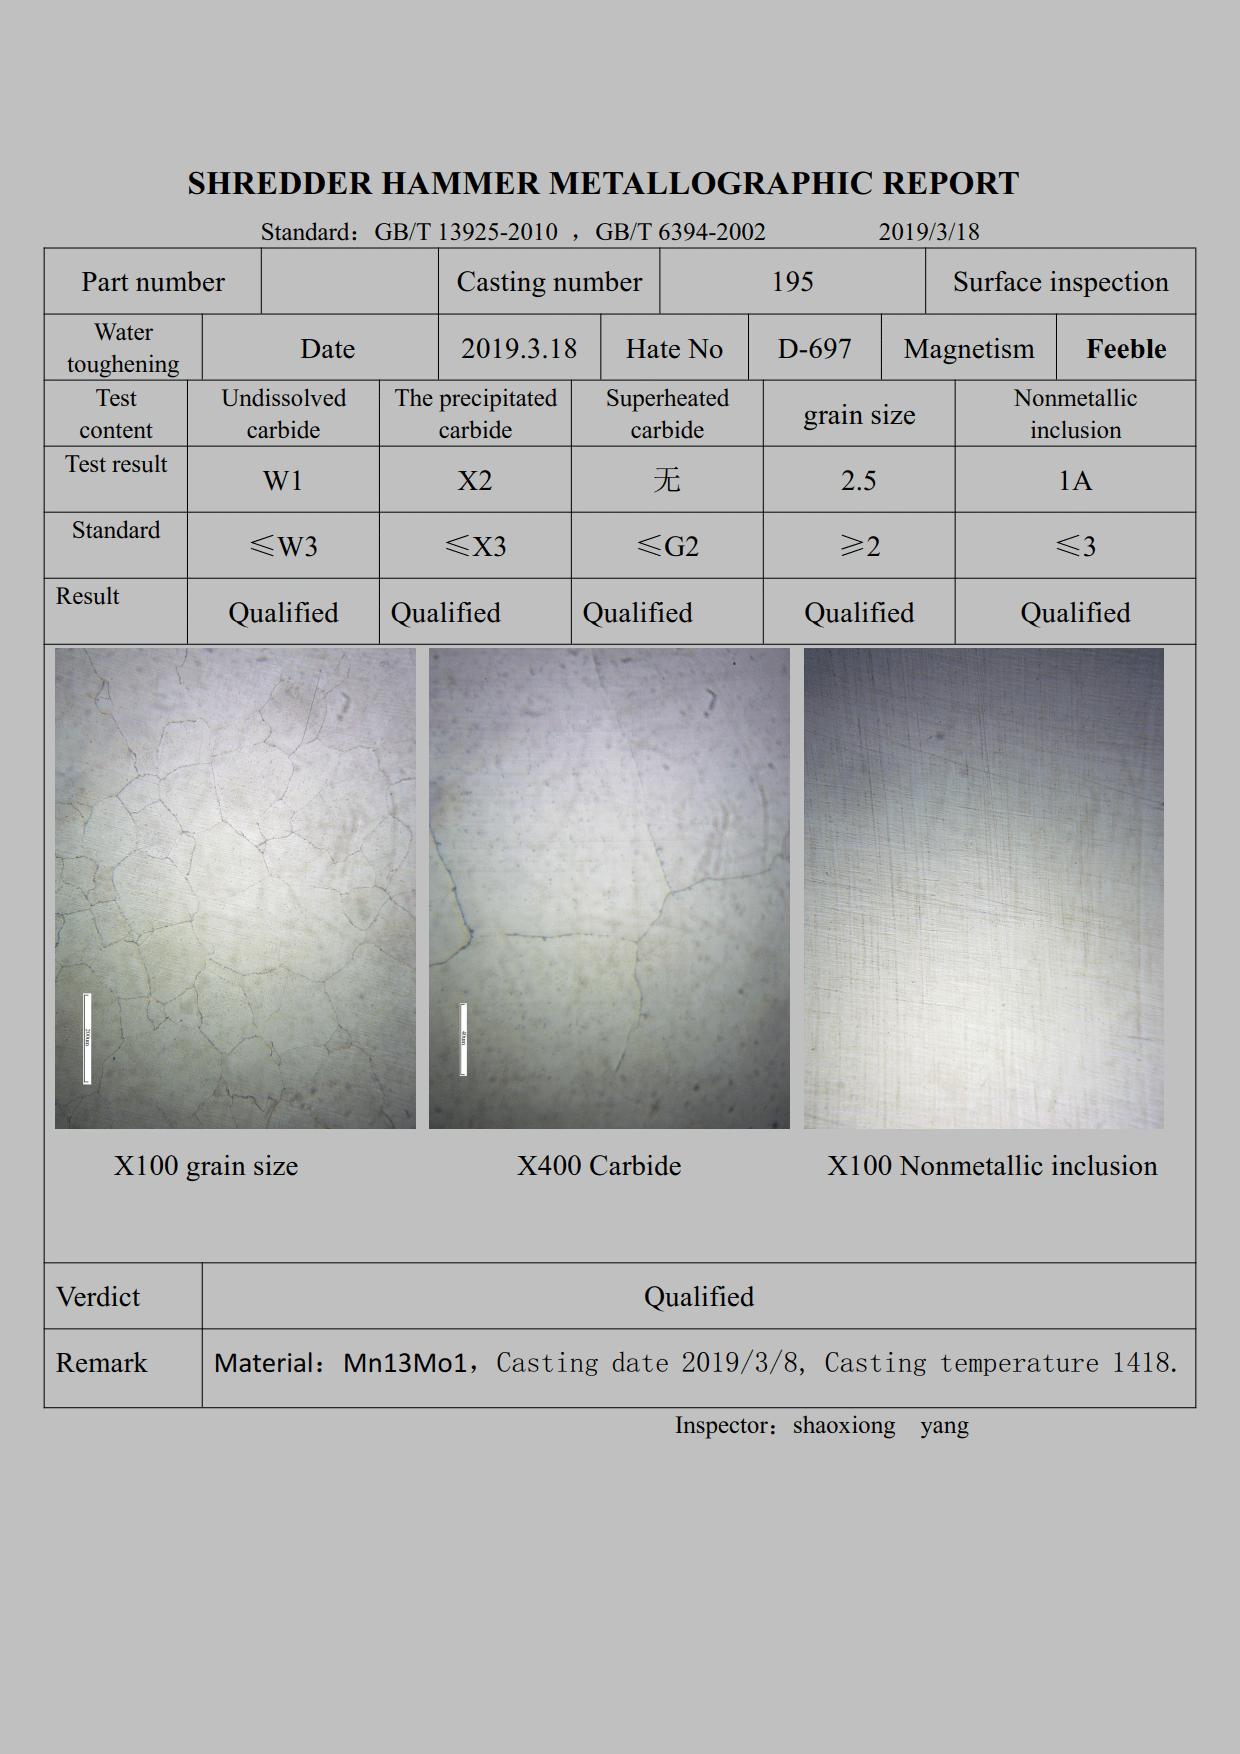 Rapporto metallografico del martello trituratore